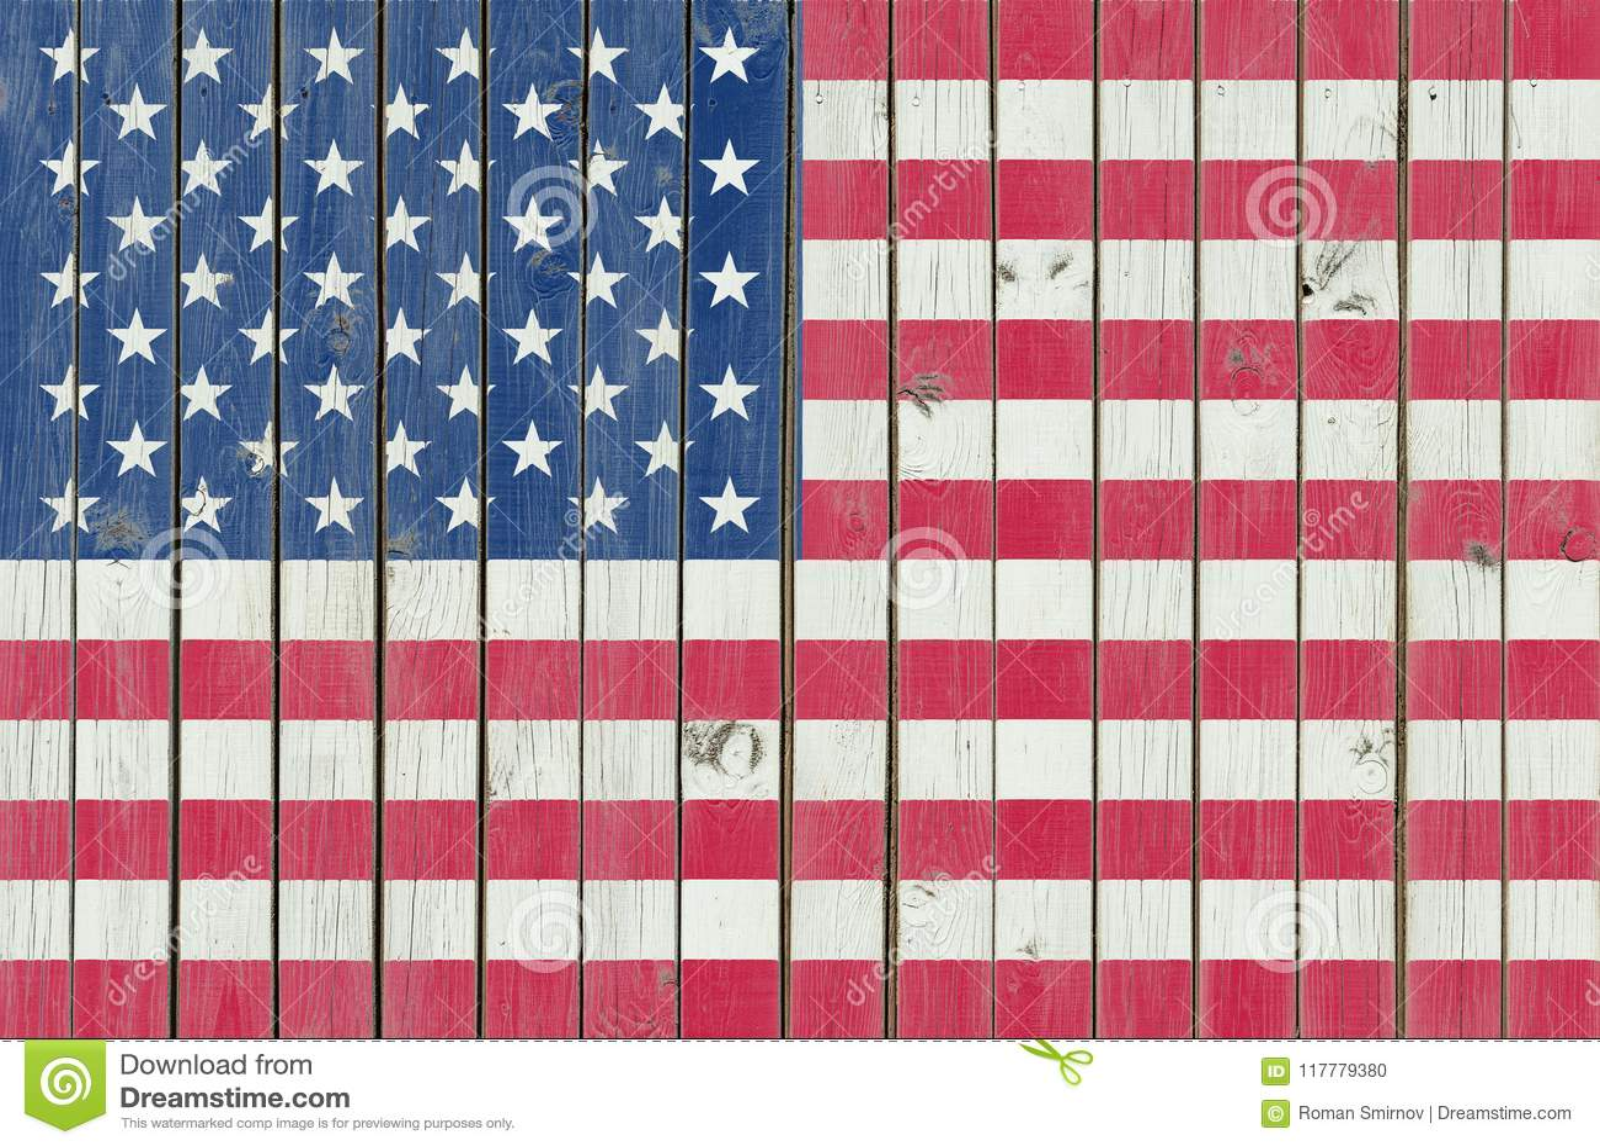 USA flaga malował na drewnianym ogrodzeniu, Amerykański tło